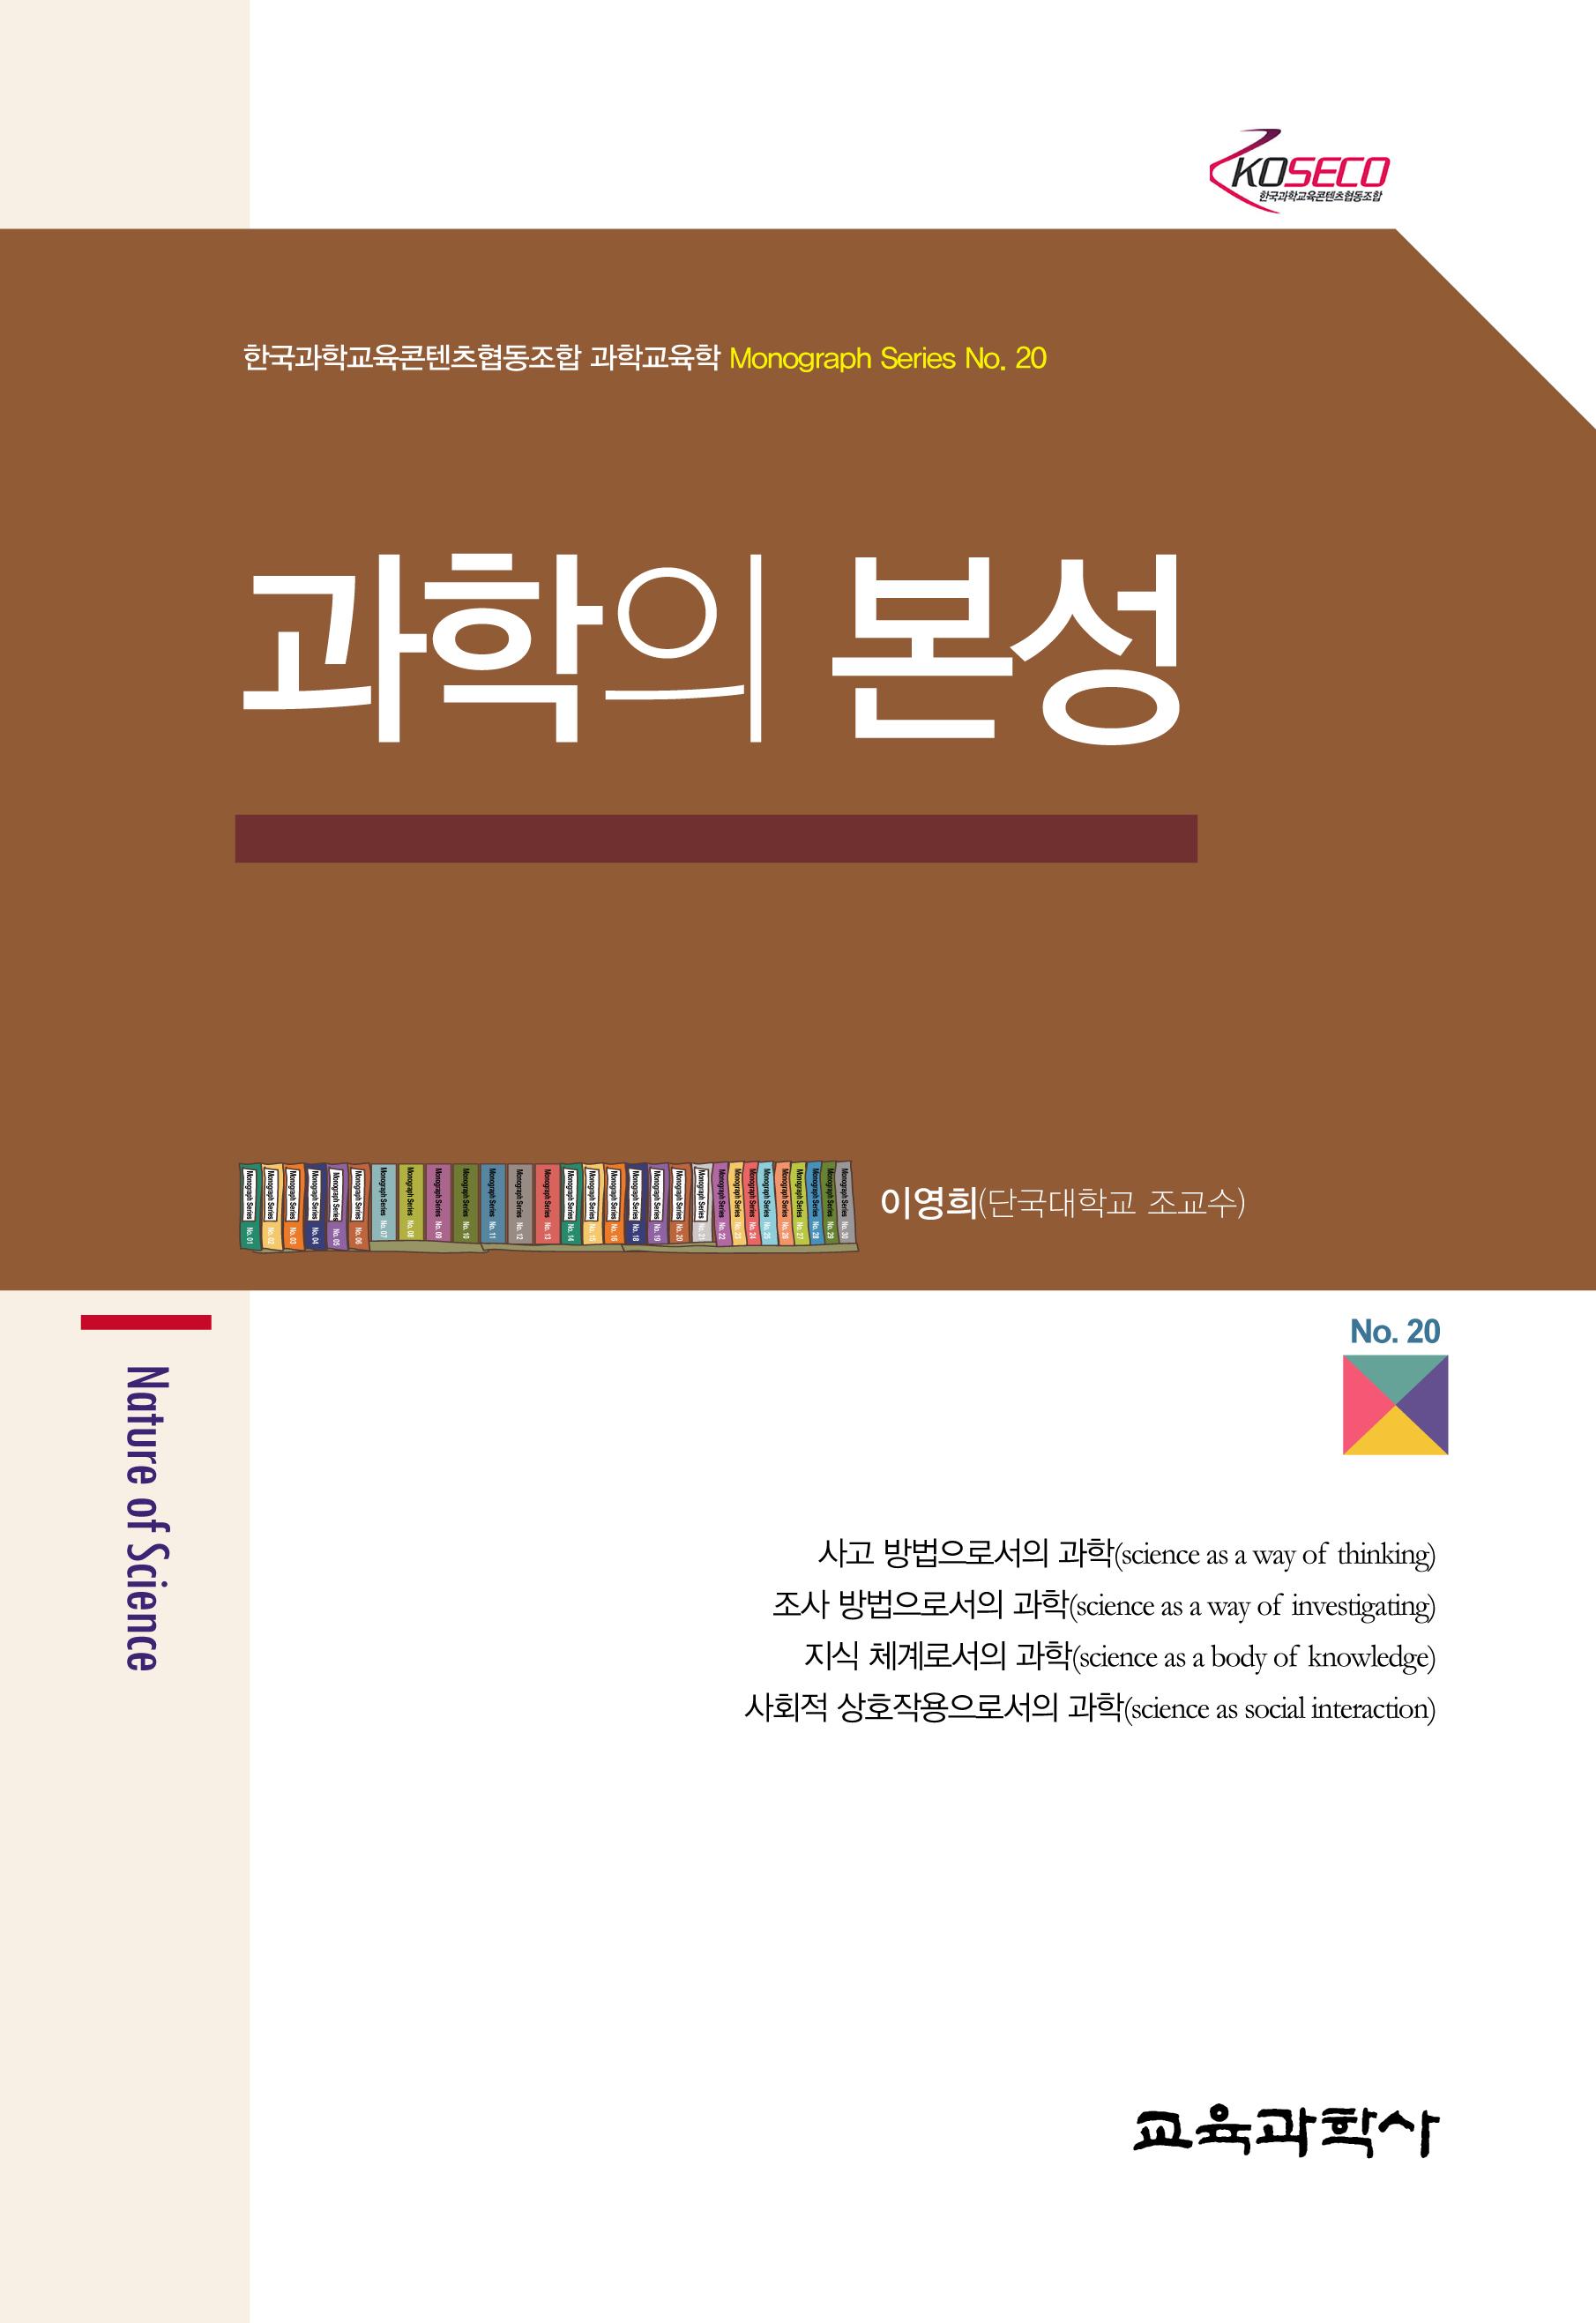 과학의 본성 (Monograph Series 20)